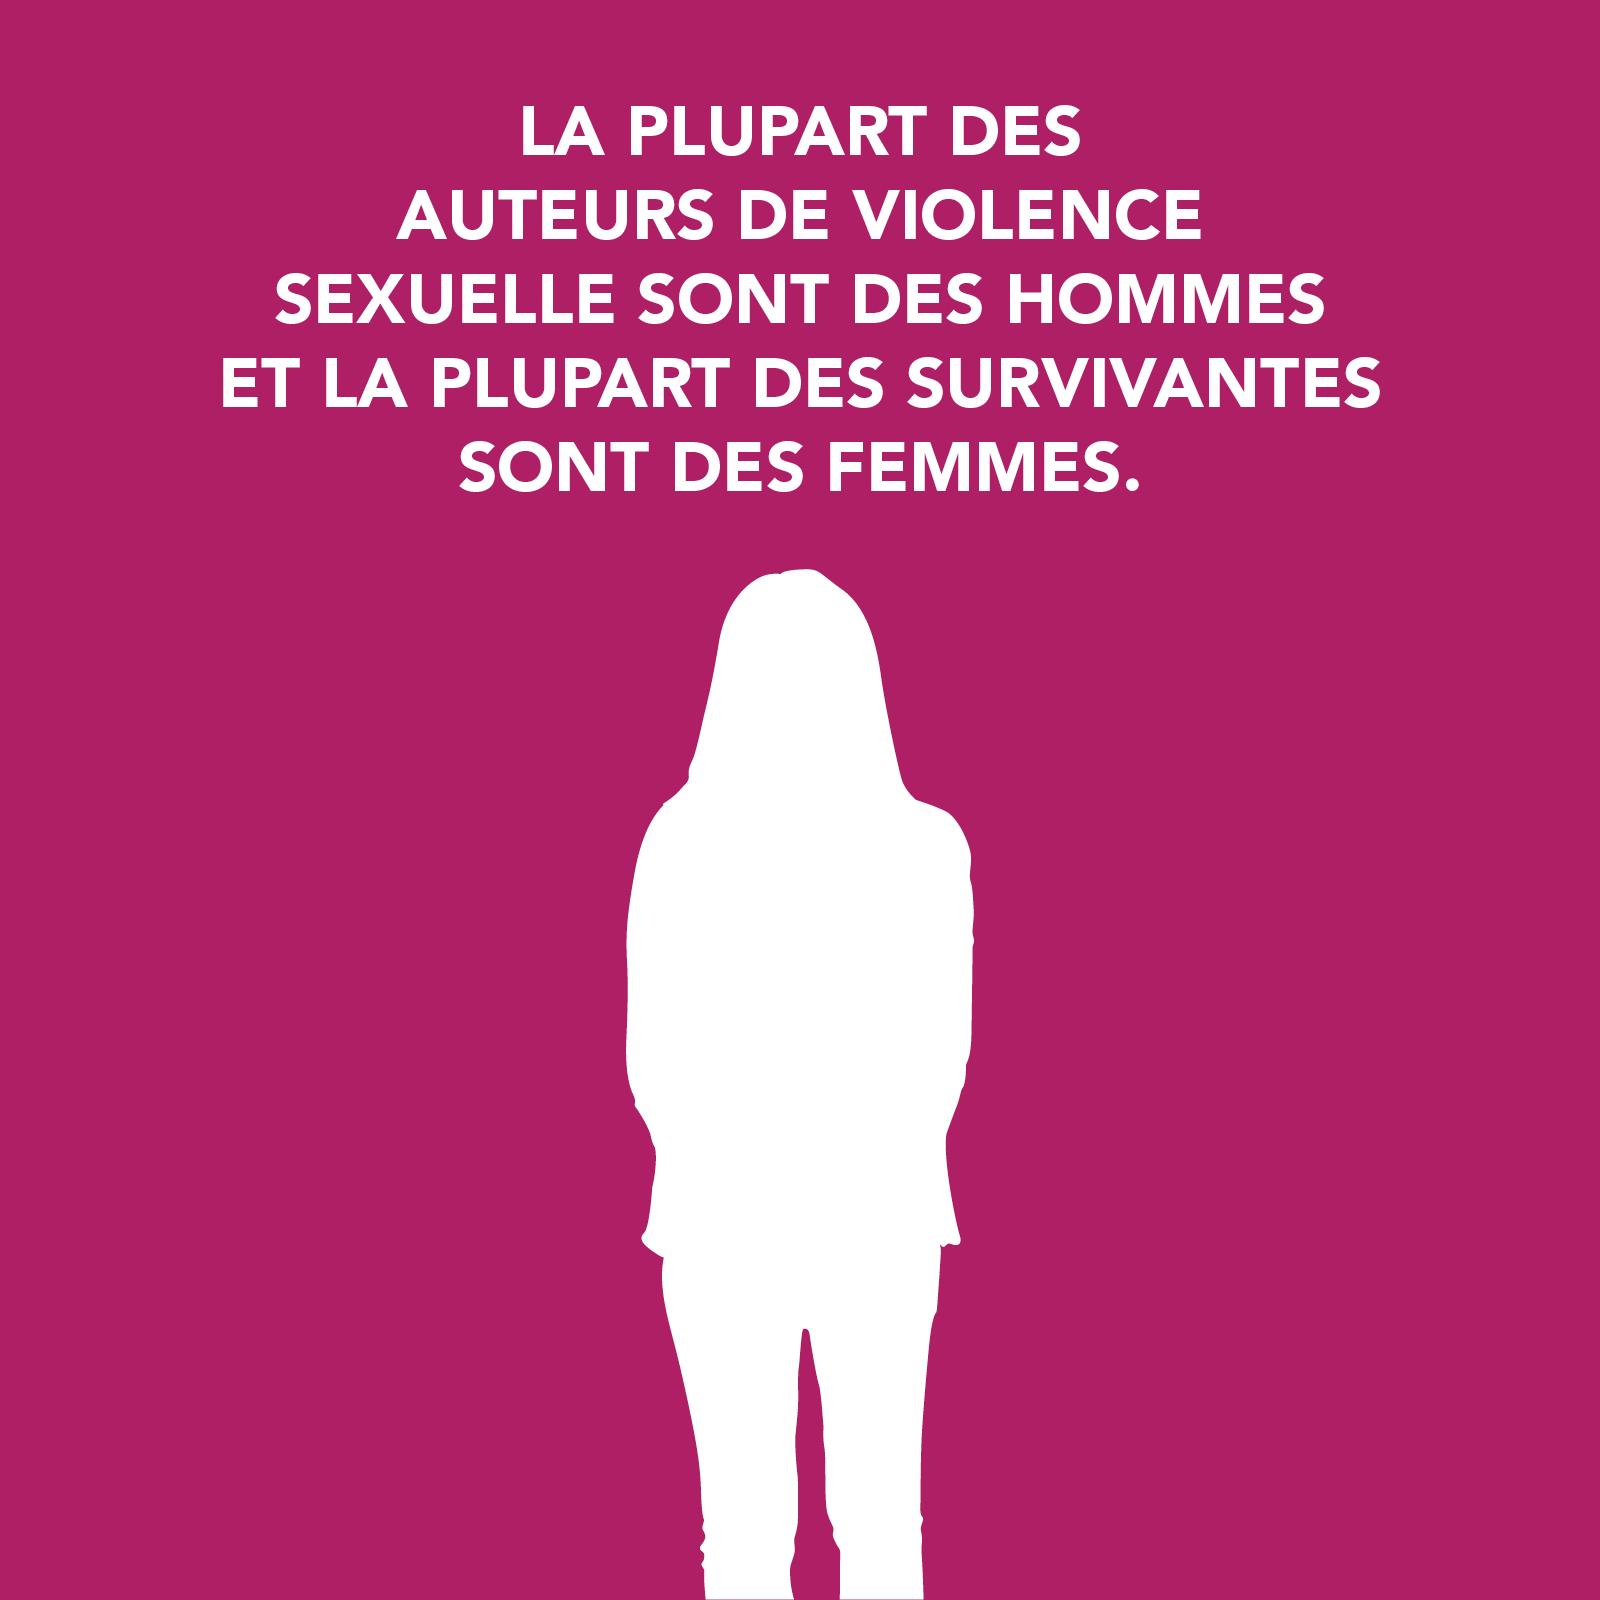 LA PLUPART DES AUTEURS DE VIOLENCE SEXUELLE SONT DES HOMMES  ET LA PLUPART DES SURVIVANTES  SONT DES FEMMES.